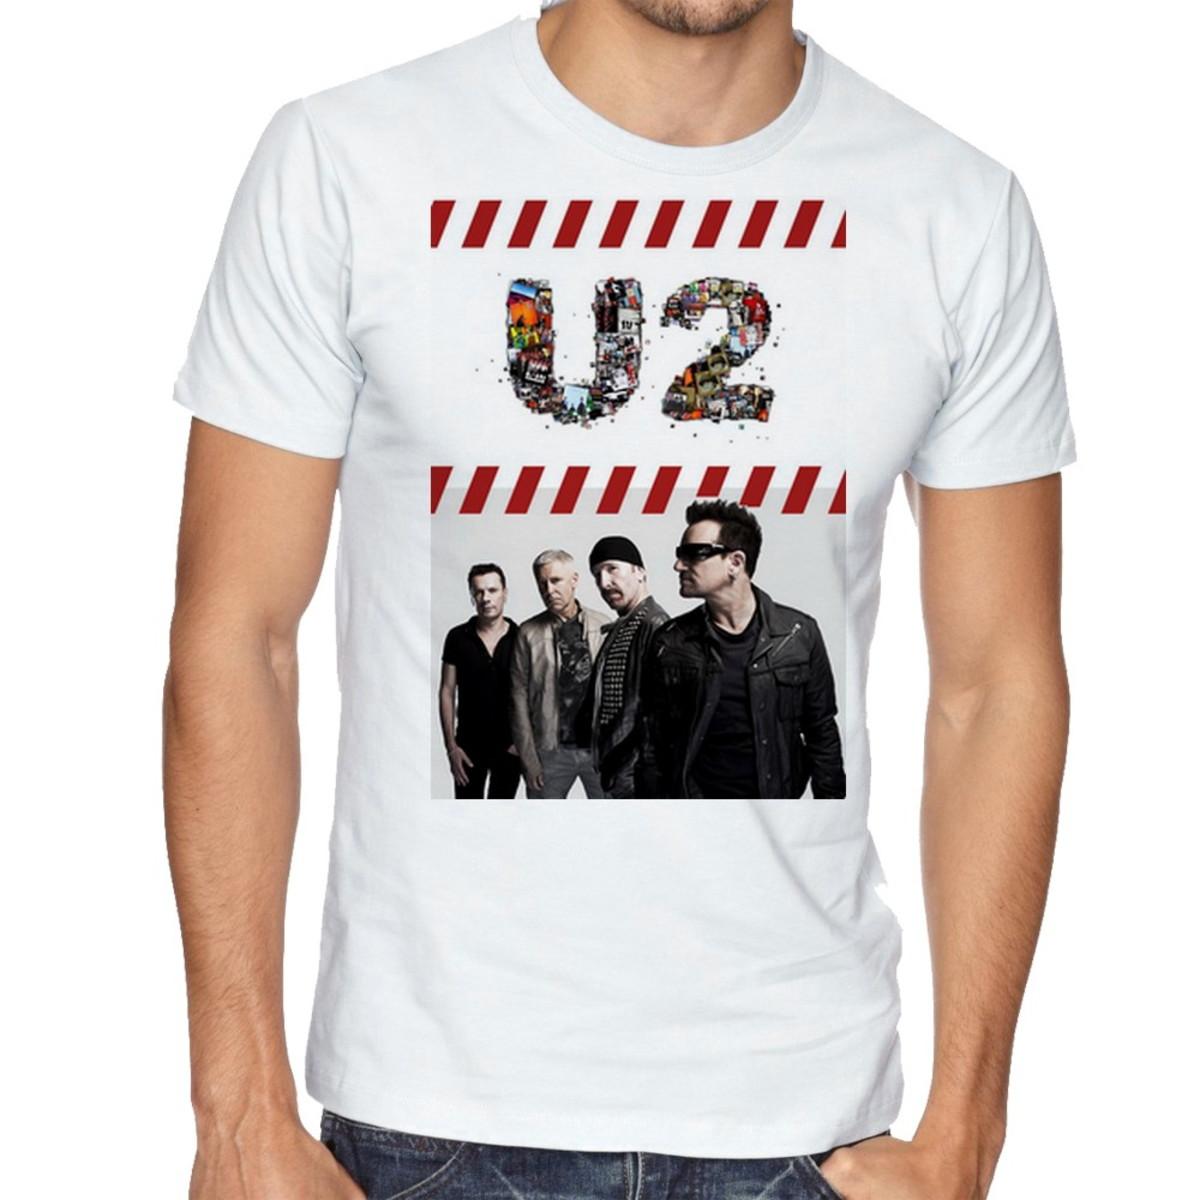 Camiseta Infantil Blusa Criança U2 Banda Rock Irlandesa Bono no Elo7 ... 14c88aab67e12